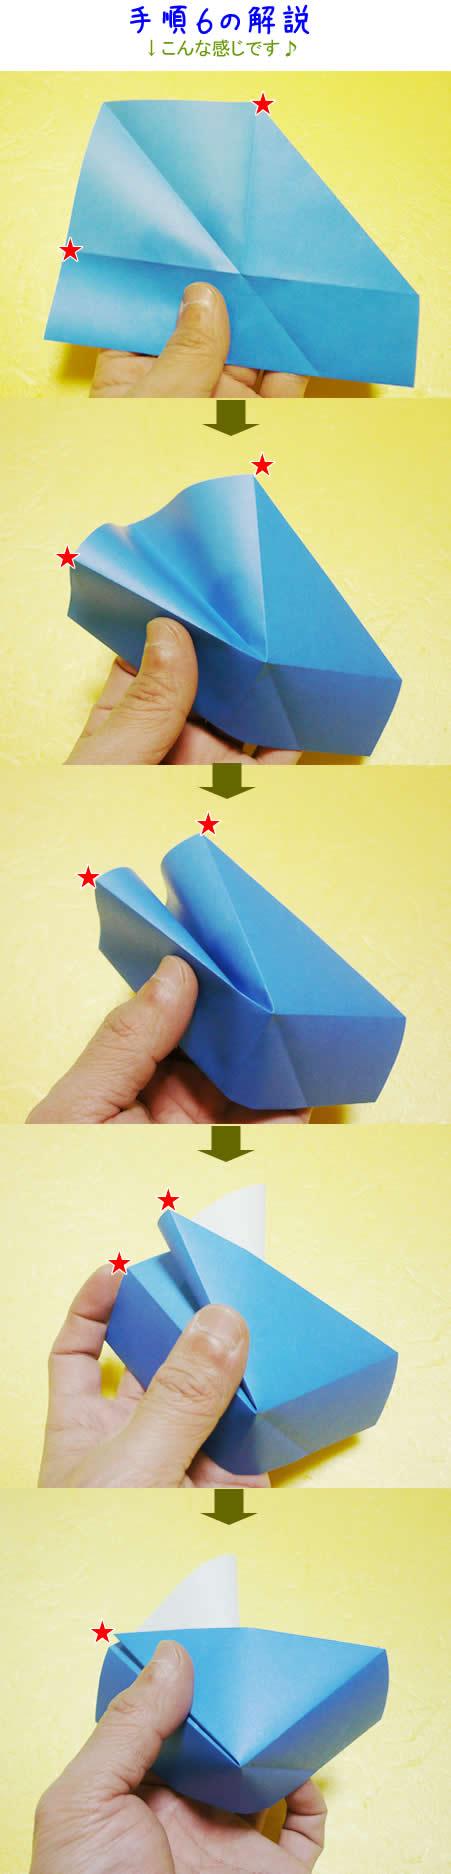 箱Aタイプ、手順6の詳細画像